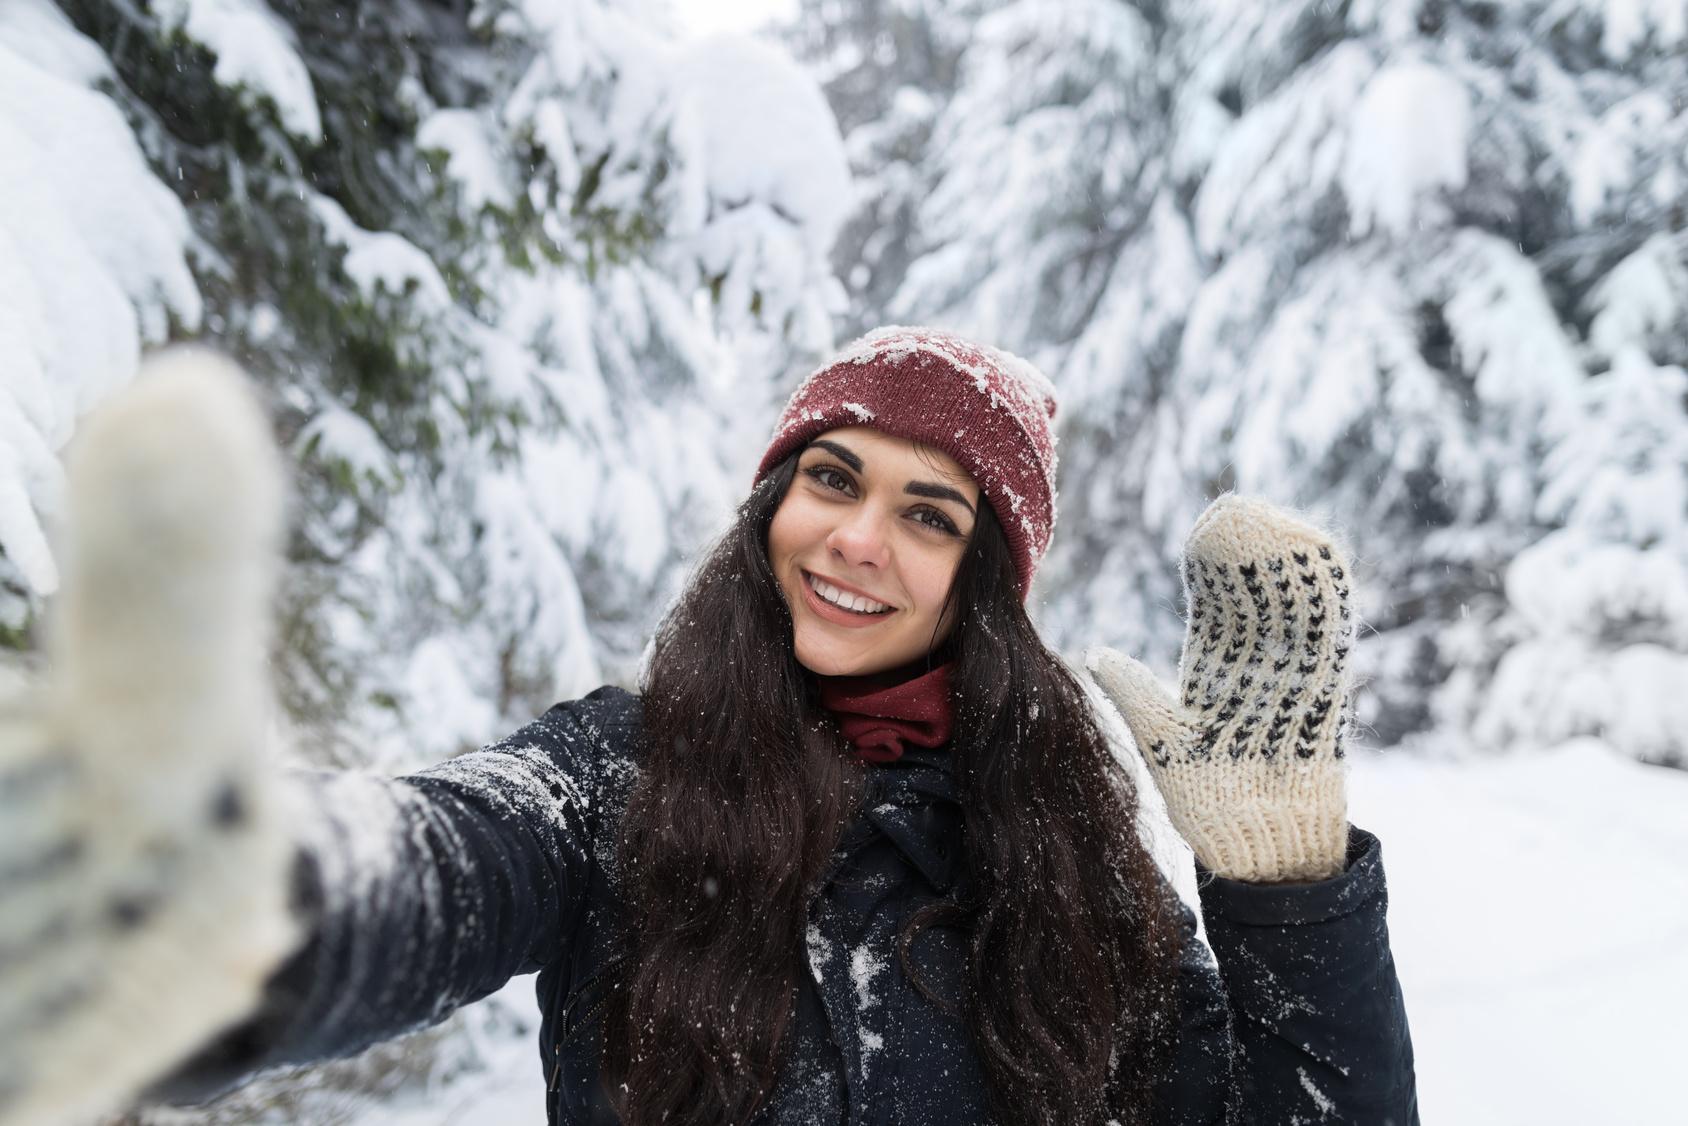 Eine junge Frau vor schneebedeckten Bäumen lacht in die Kamera.